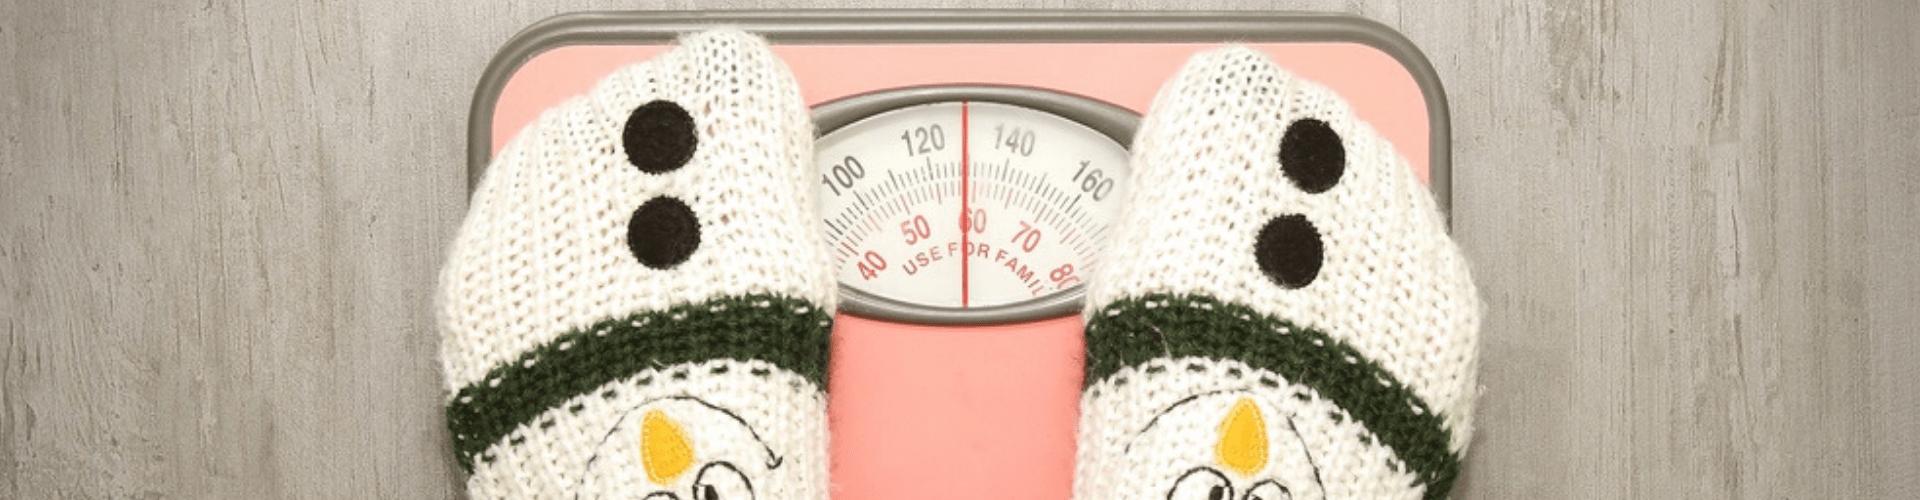 Benessere In Inverno Come Mantenersi In Salute Nei Mesi Piu Freddi